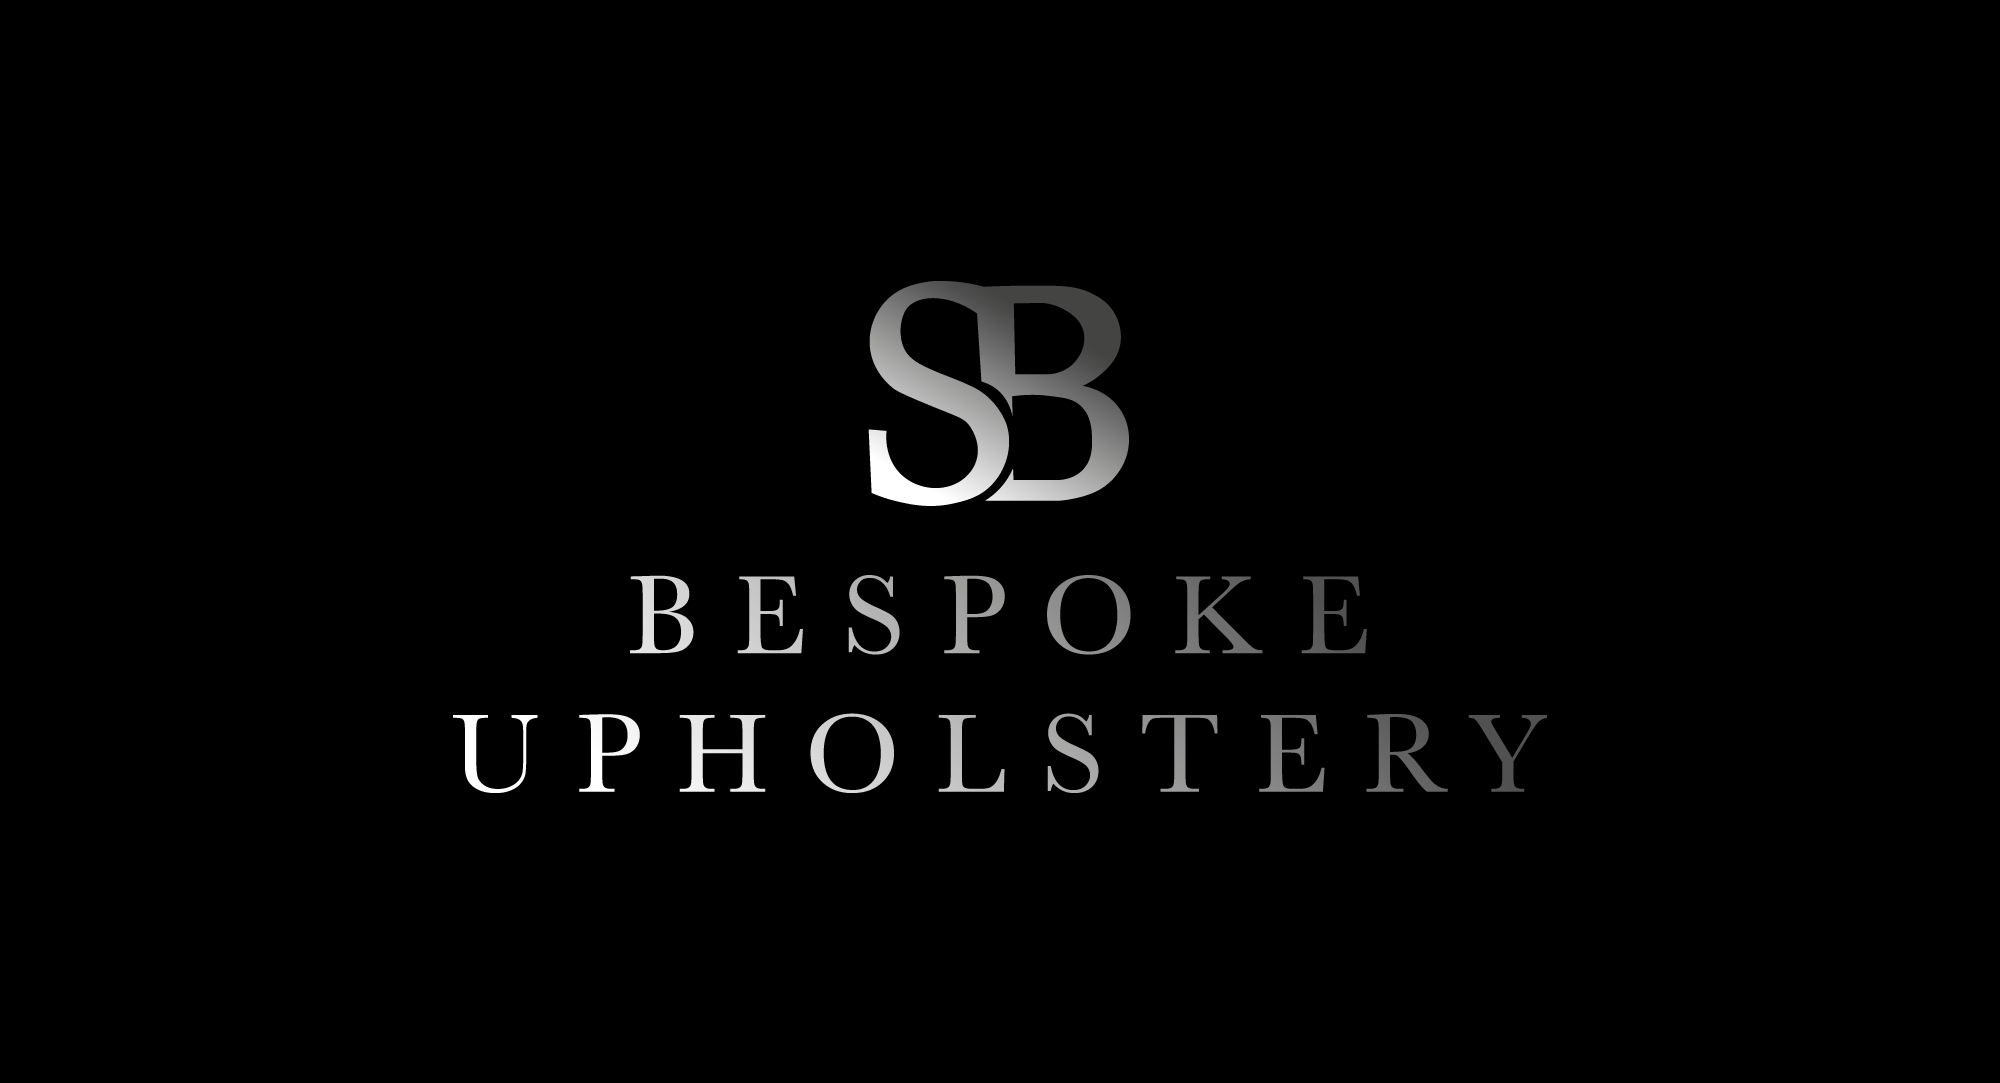 SB Bespoke Upholstery